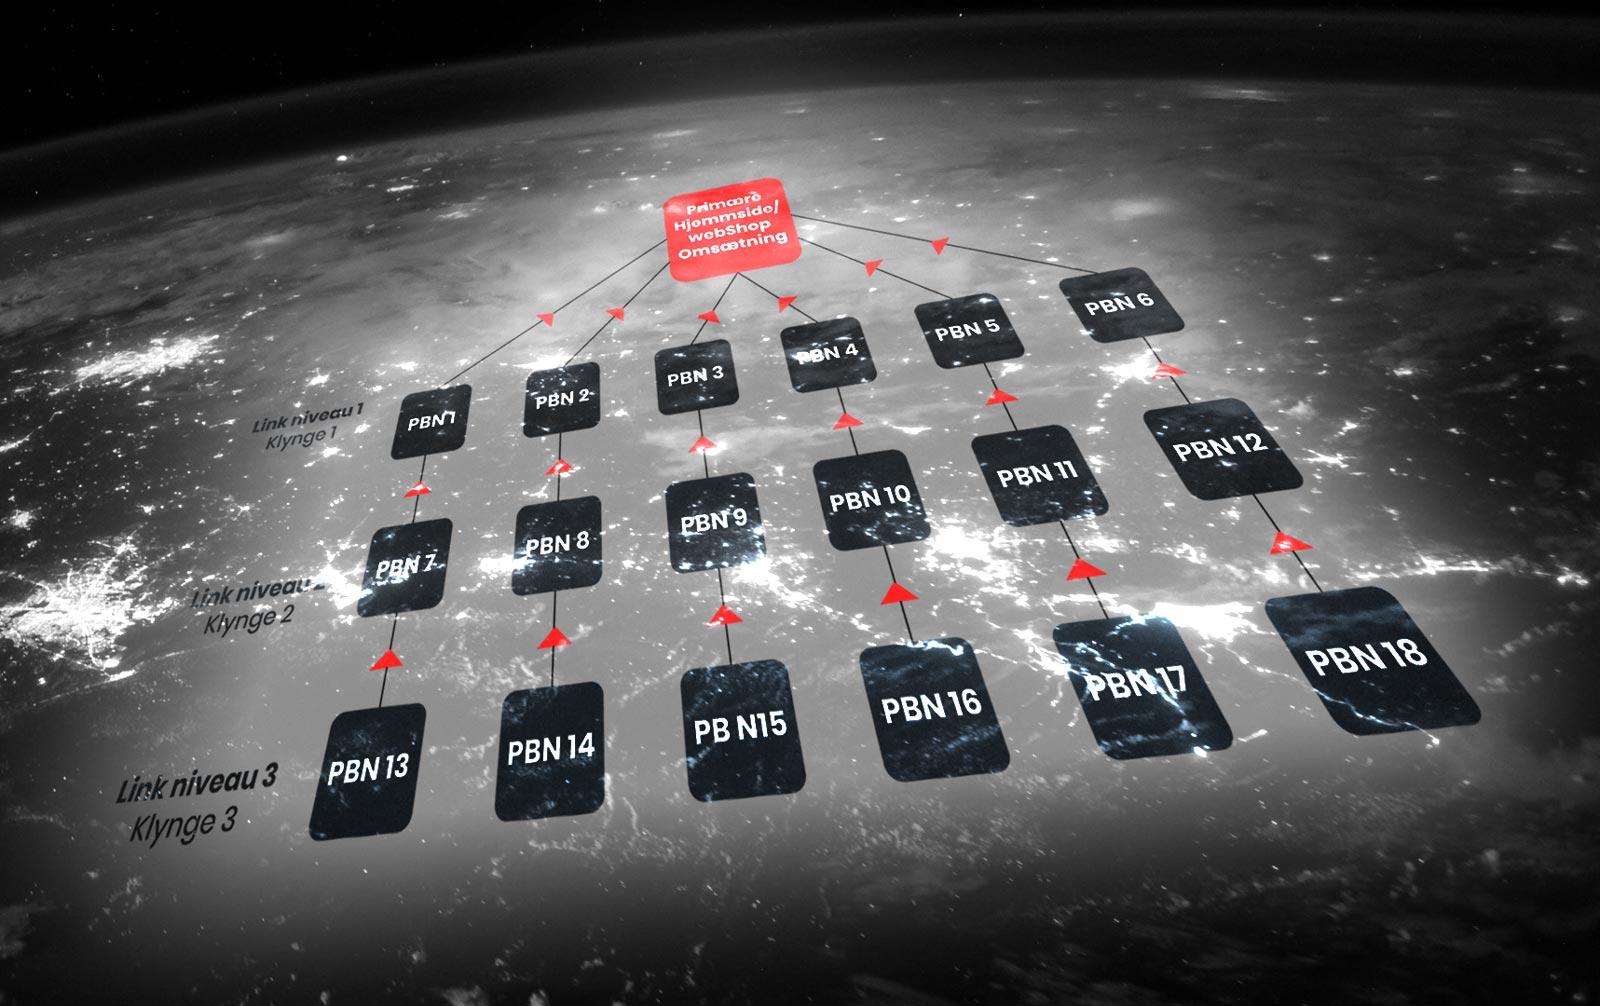 PBN network og netværk